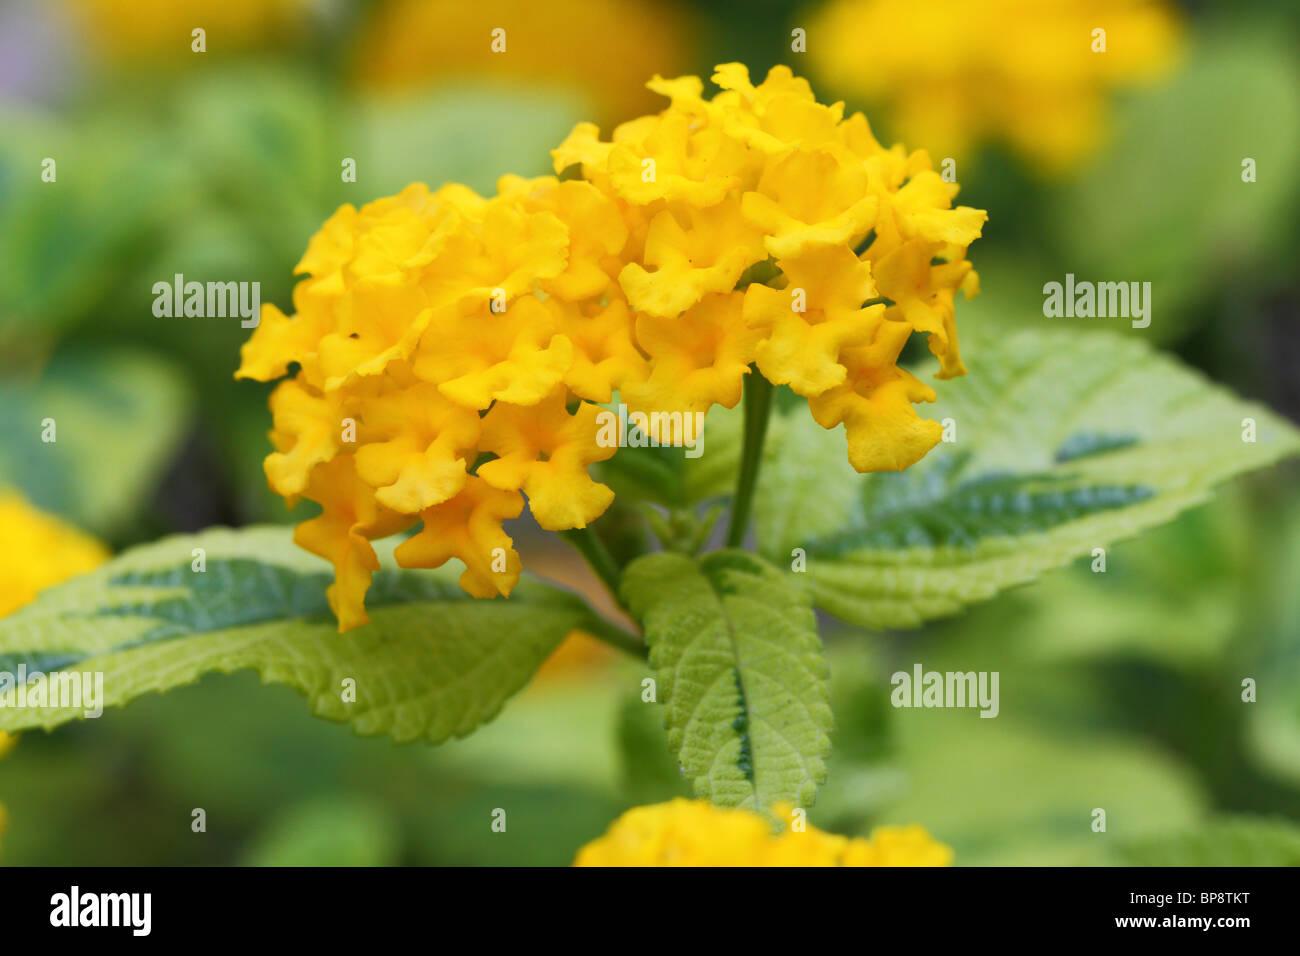 Lantana camara yellow flowers close up - Stock Image